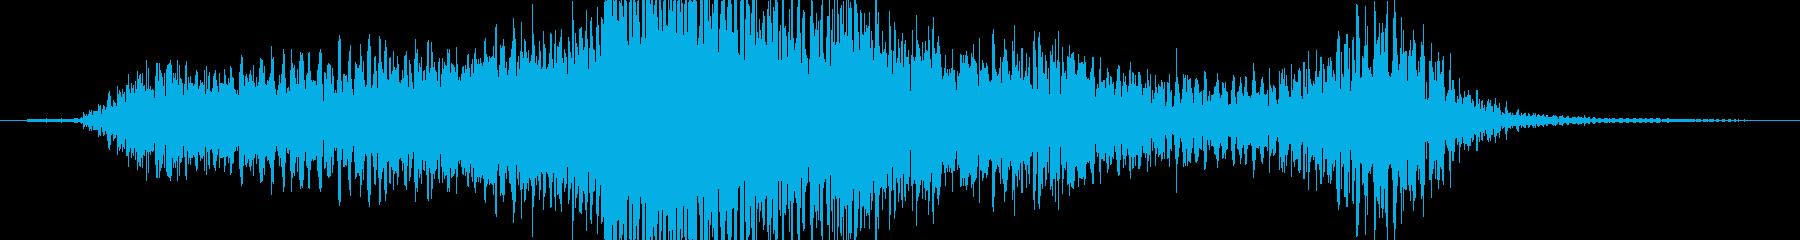 実験的な モダン 実験的 未来 テ...の再生済みの波形